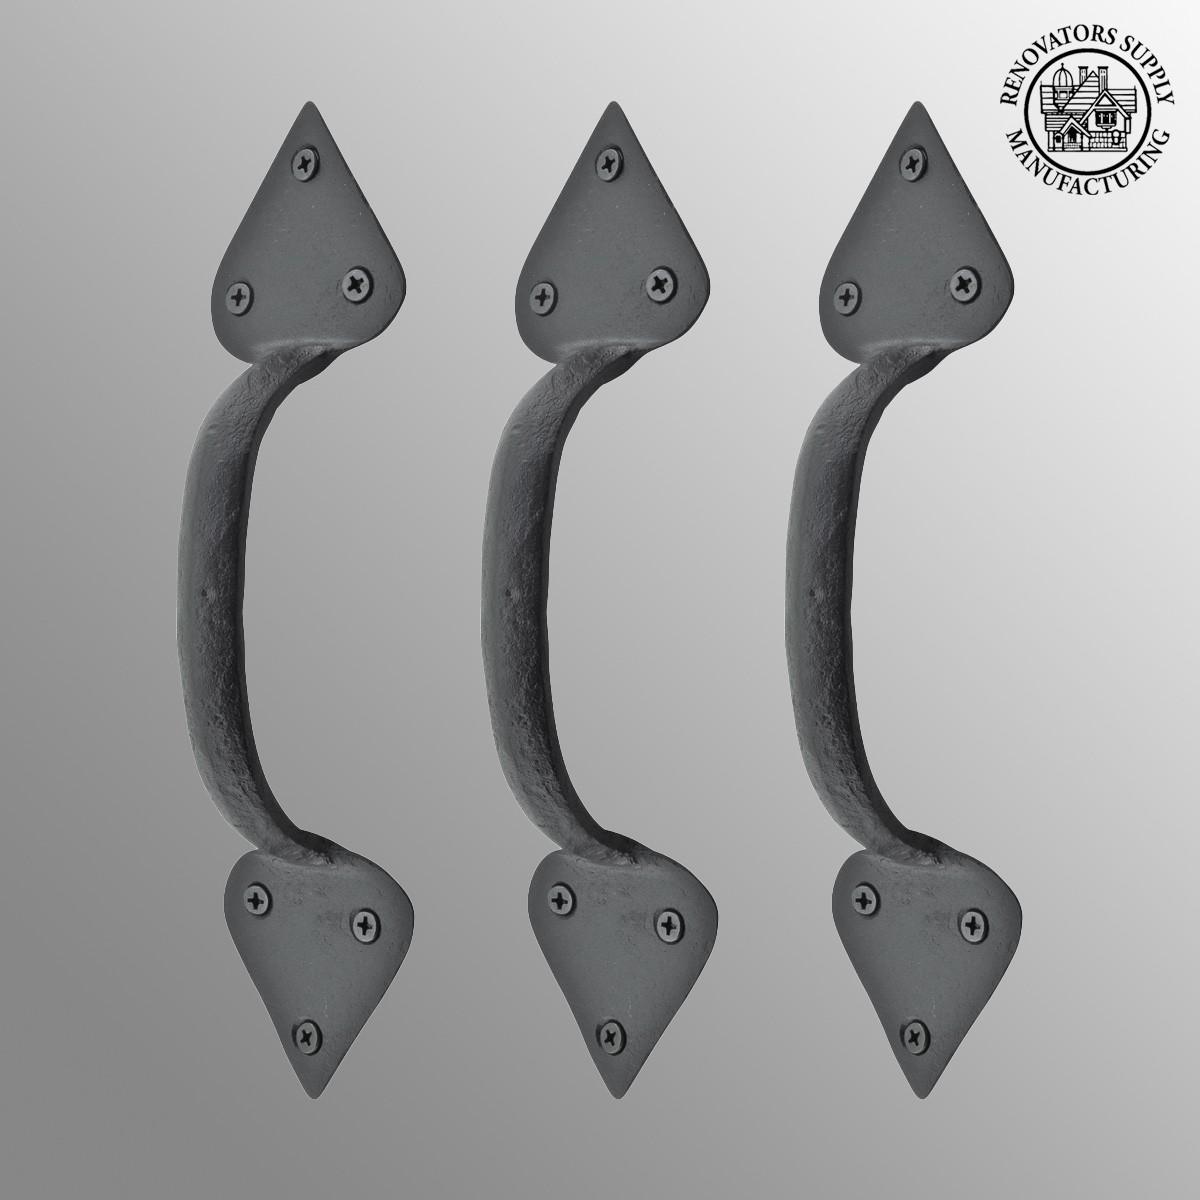 3 Wrought Iron Door Handles Black Drawer Pull 10\